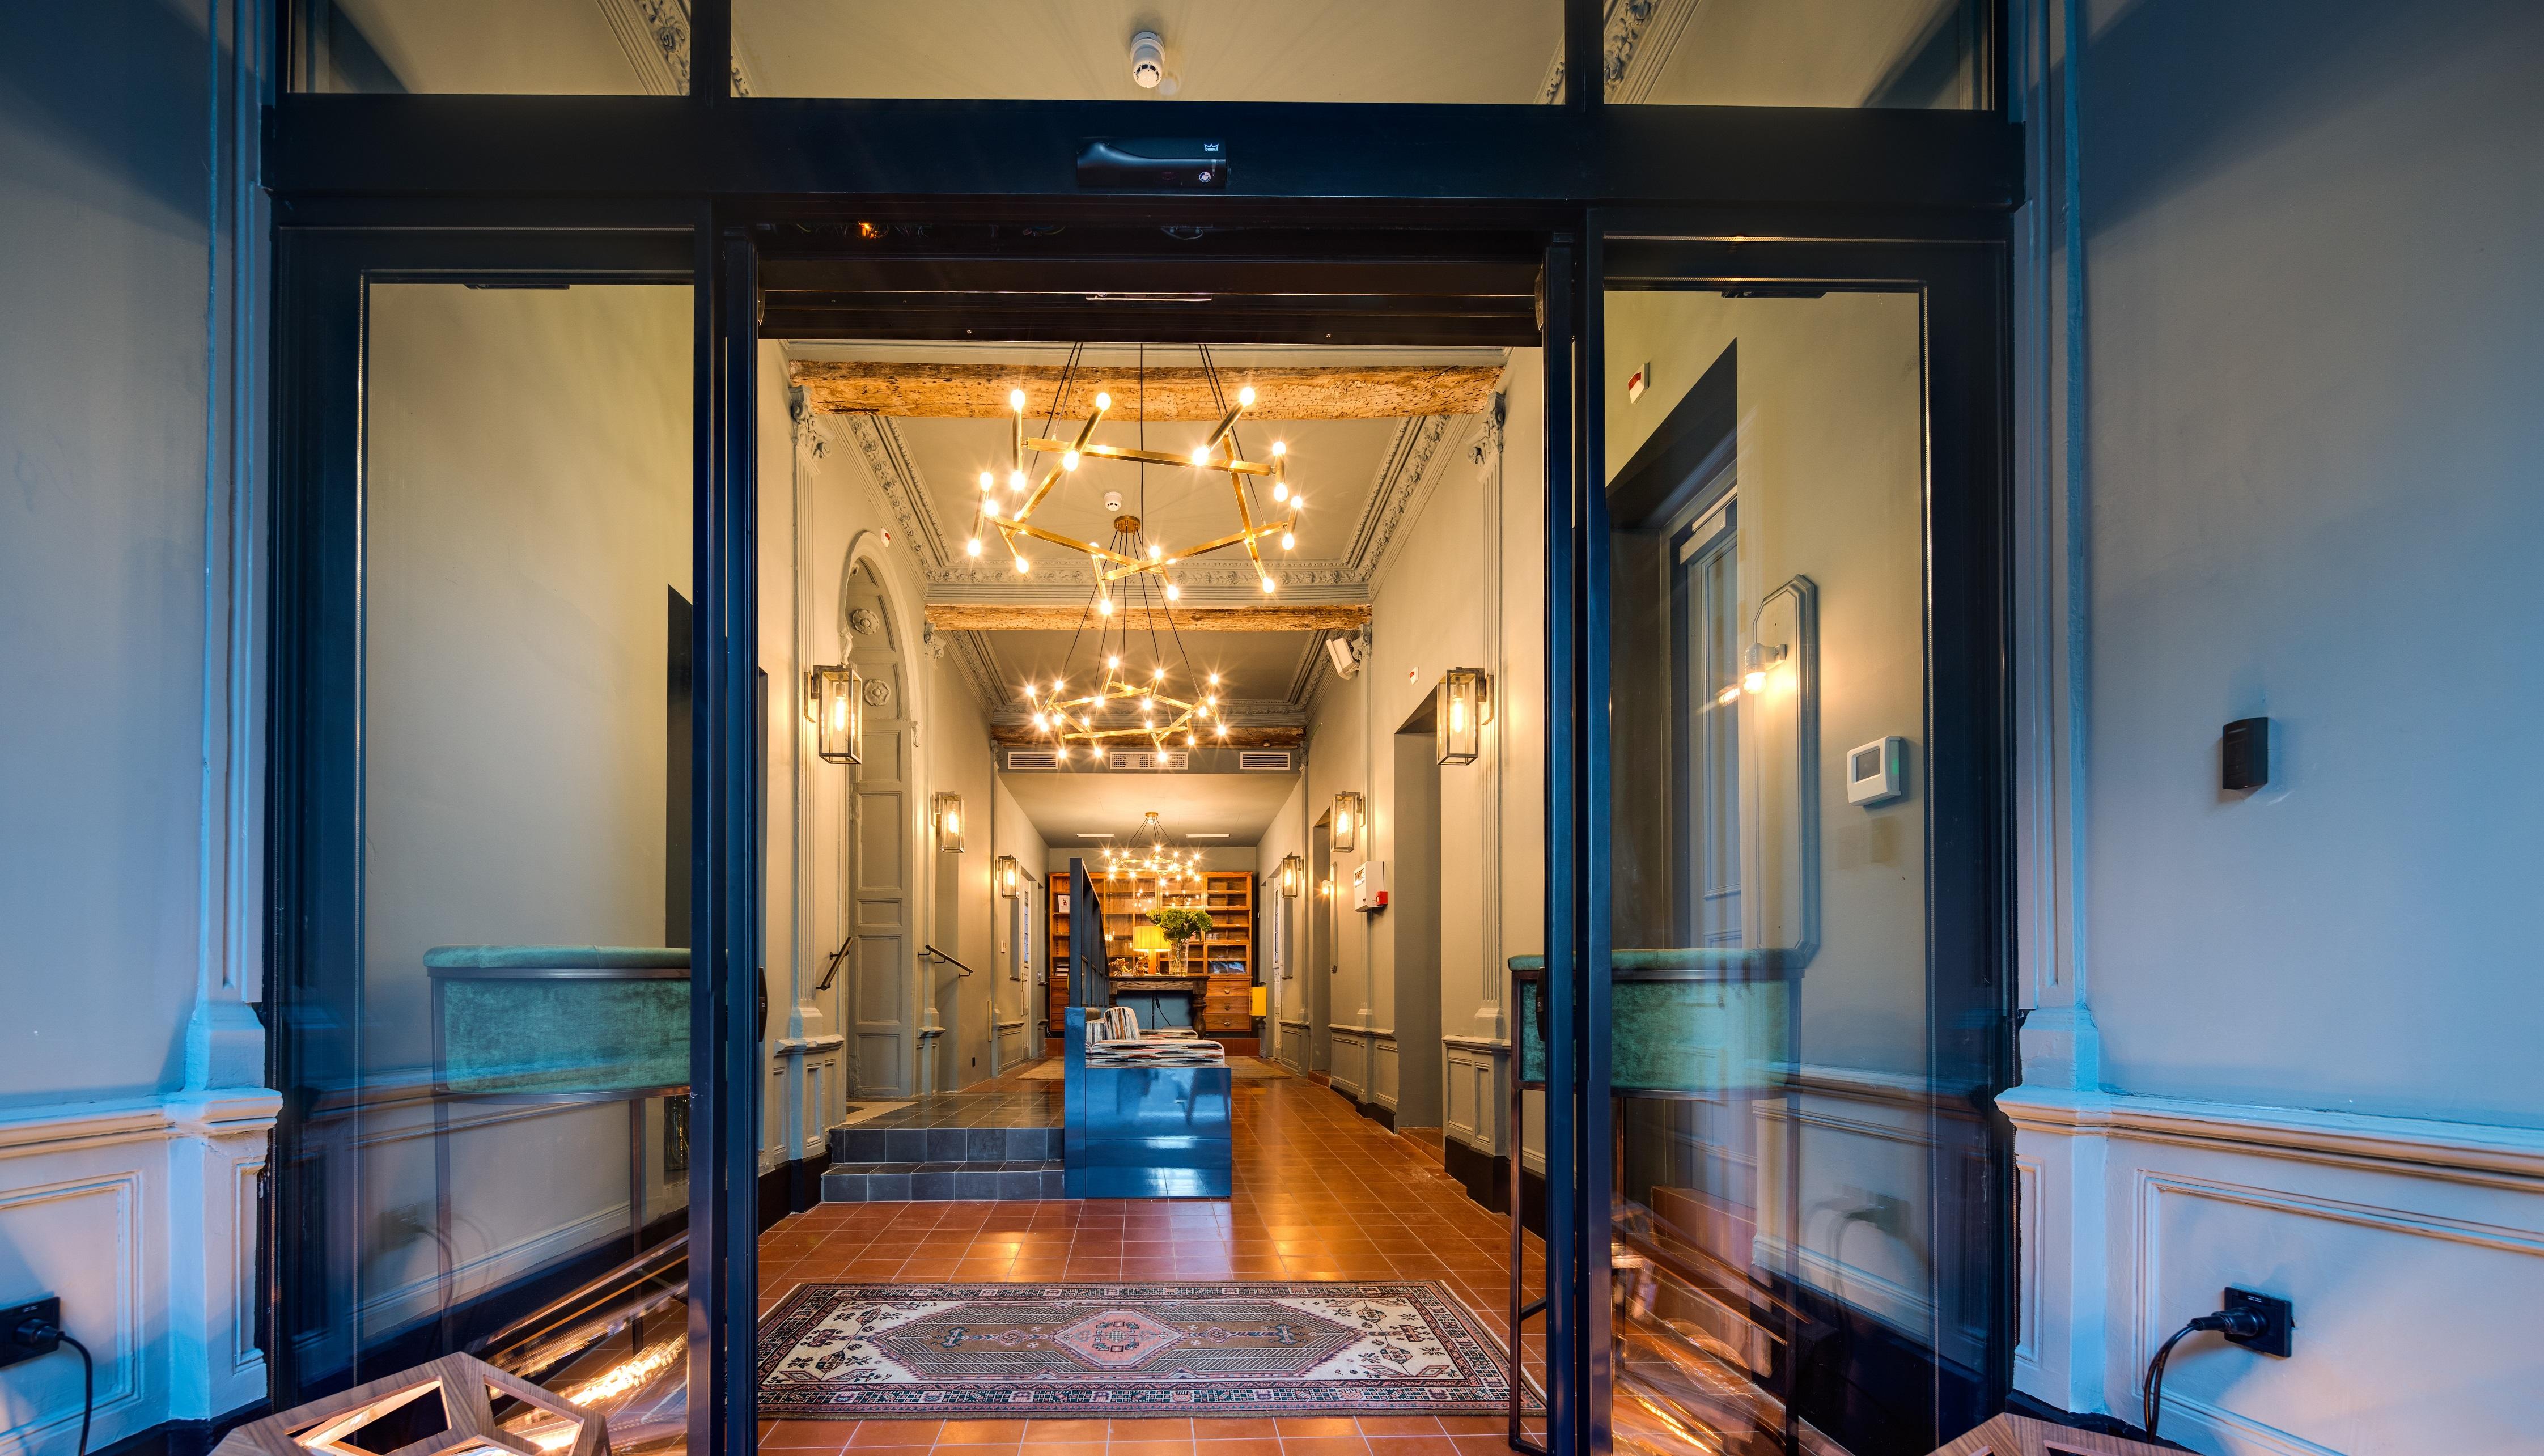 Hotelsterren_hotel_Monastere_Maastricht